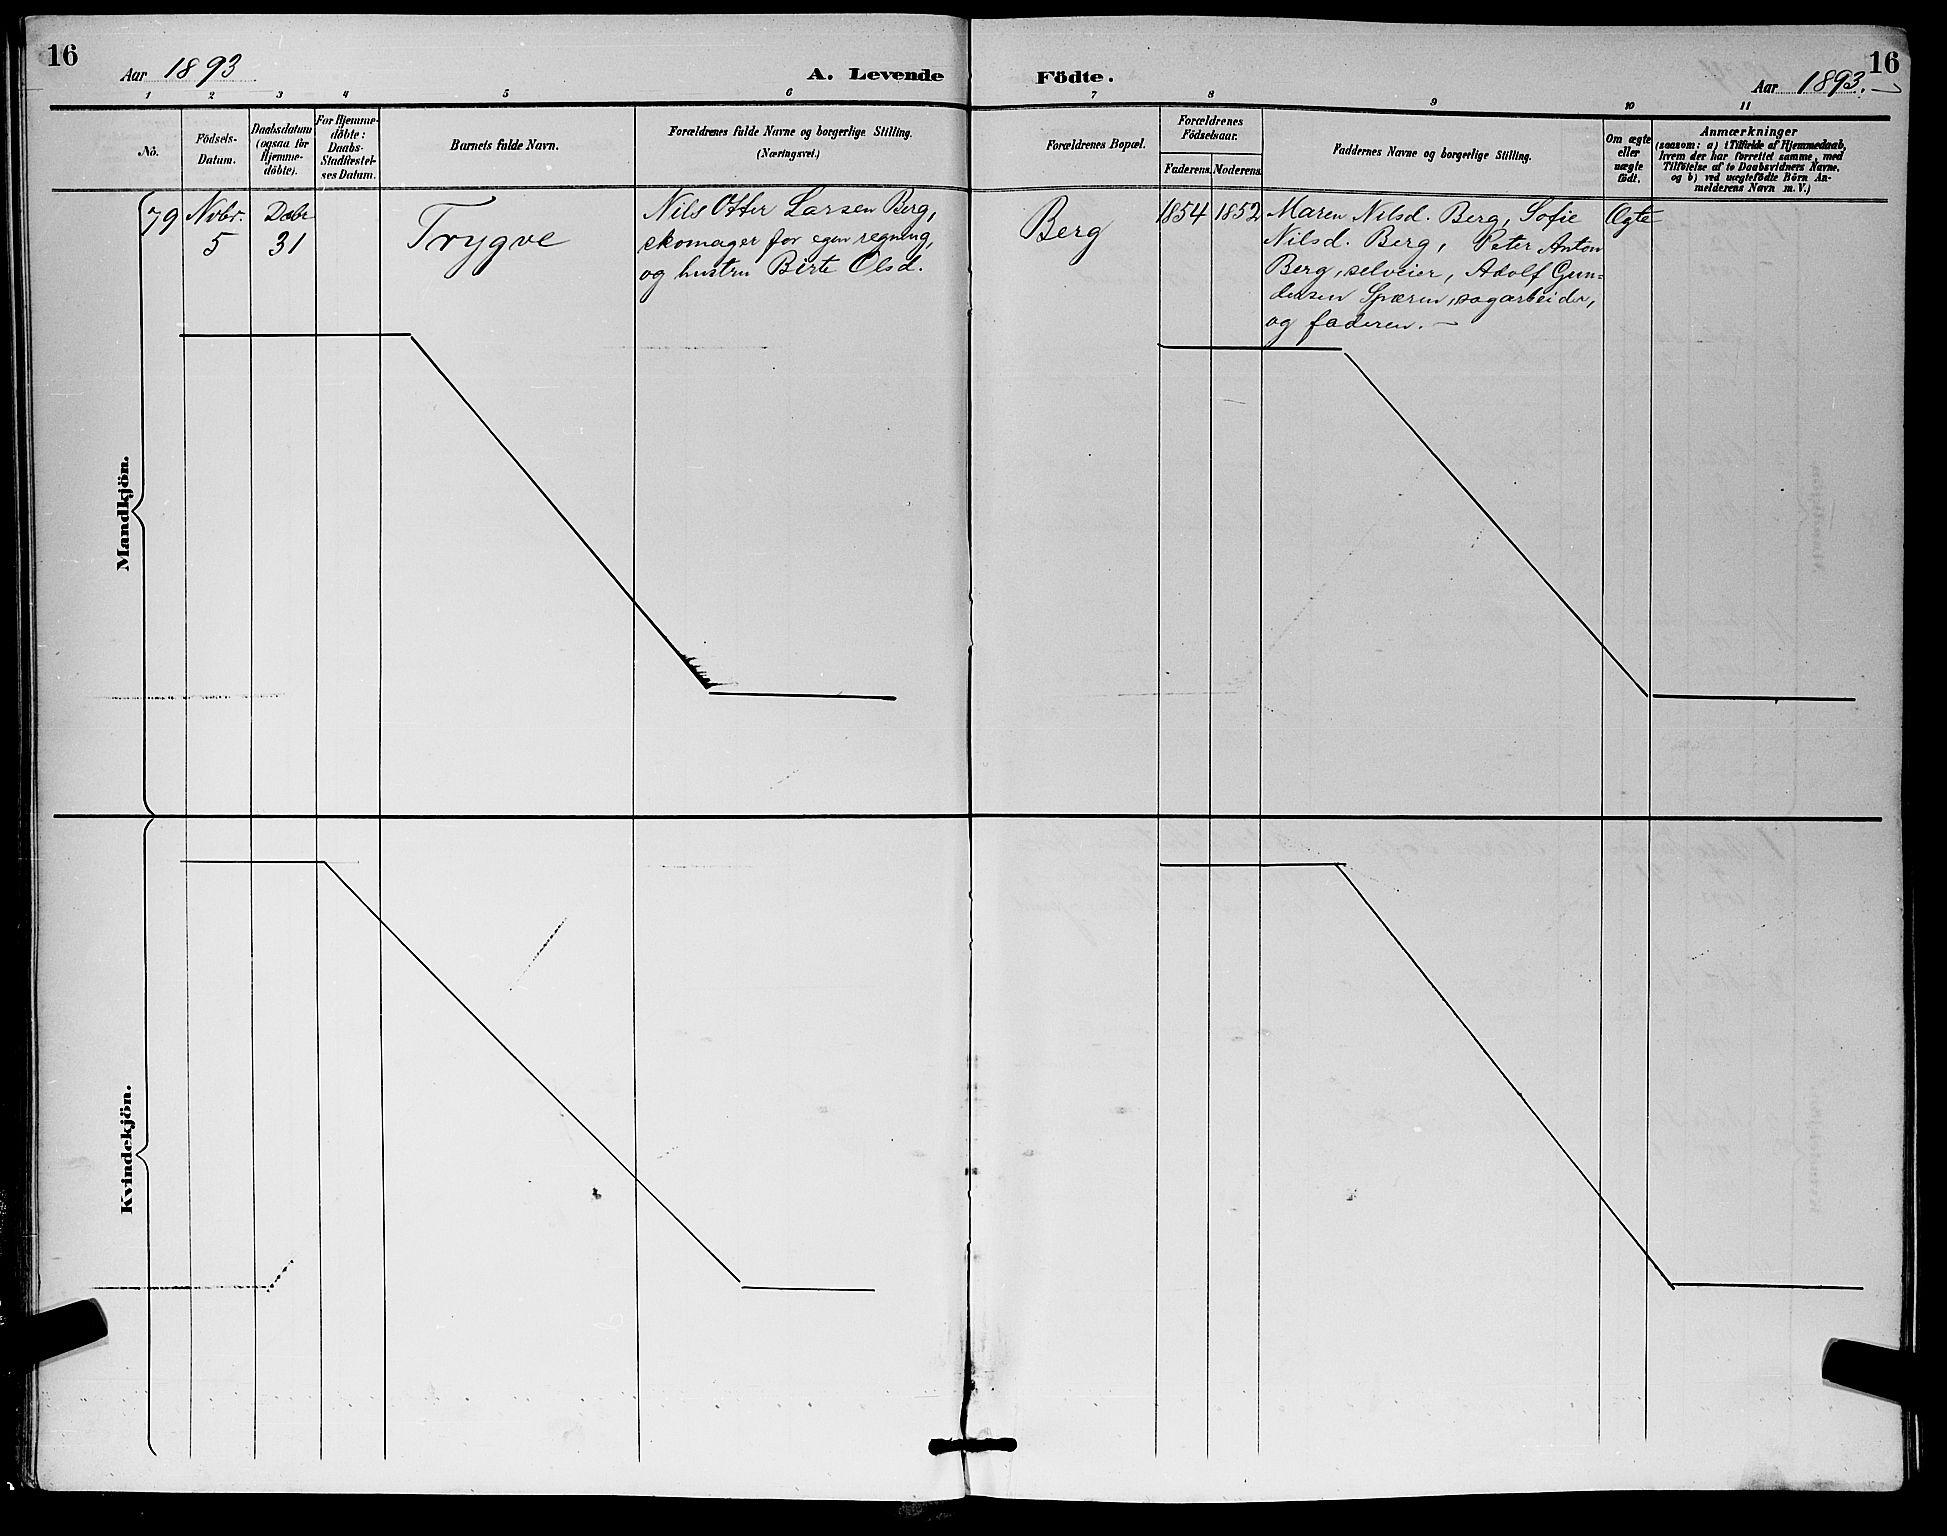 SAKO, Eiker kirkebøker, G/Ga/L0007: Klokkerbok nr. I 7, 1893-1902, s. 16